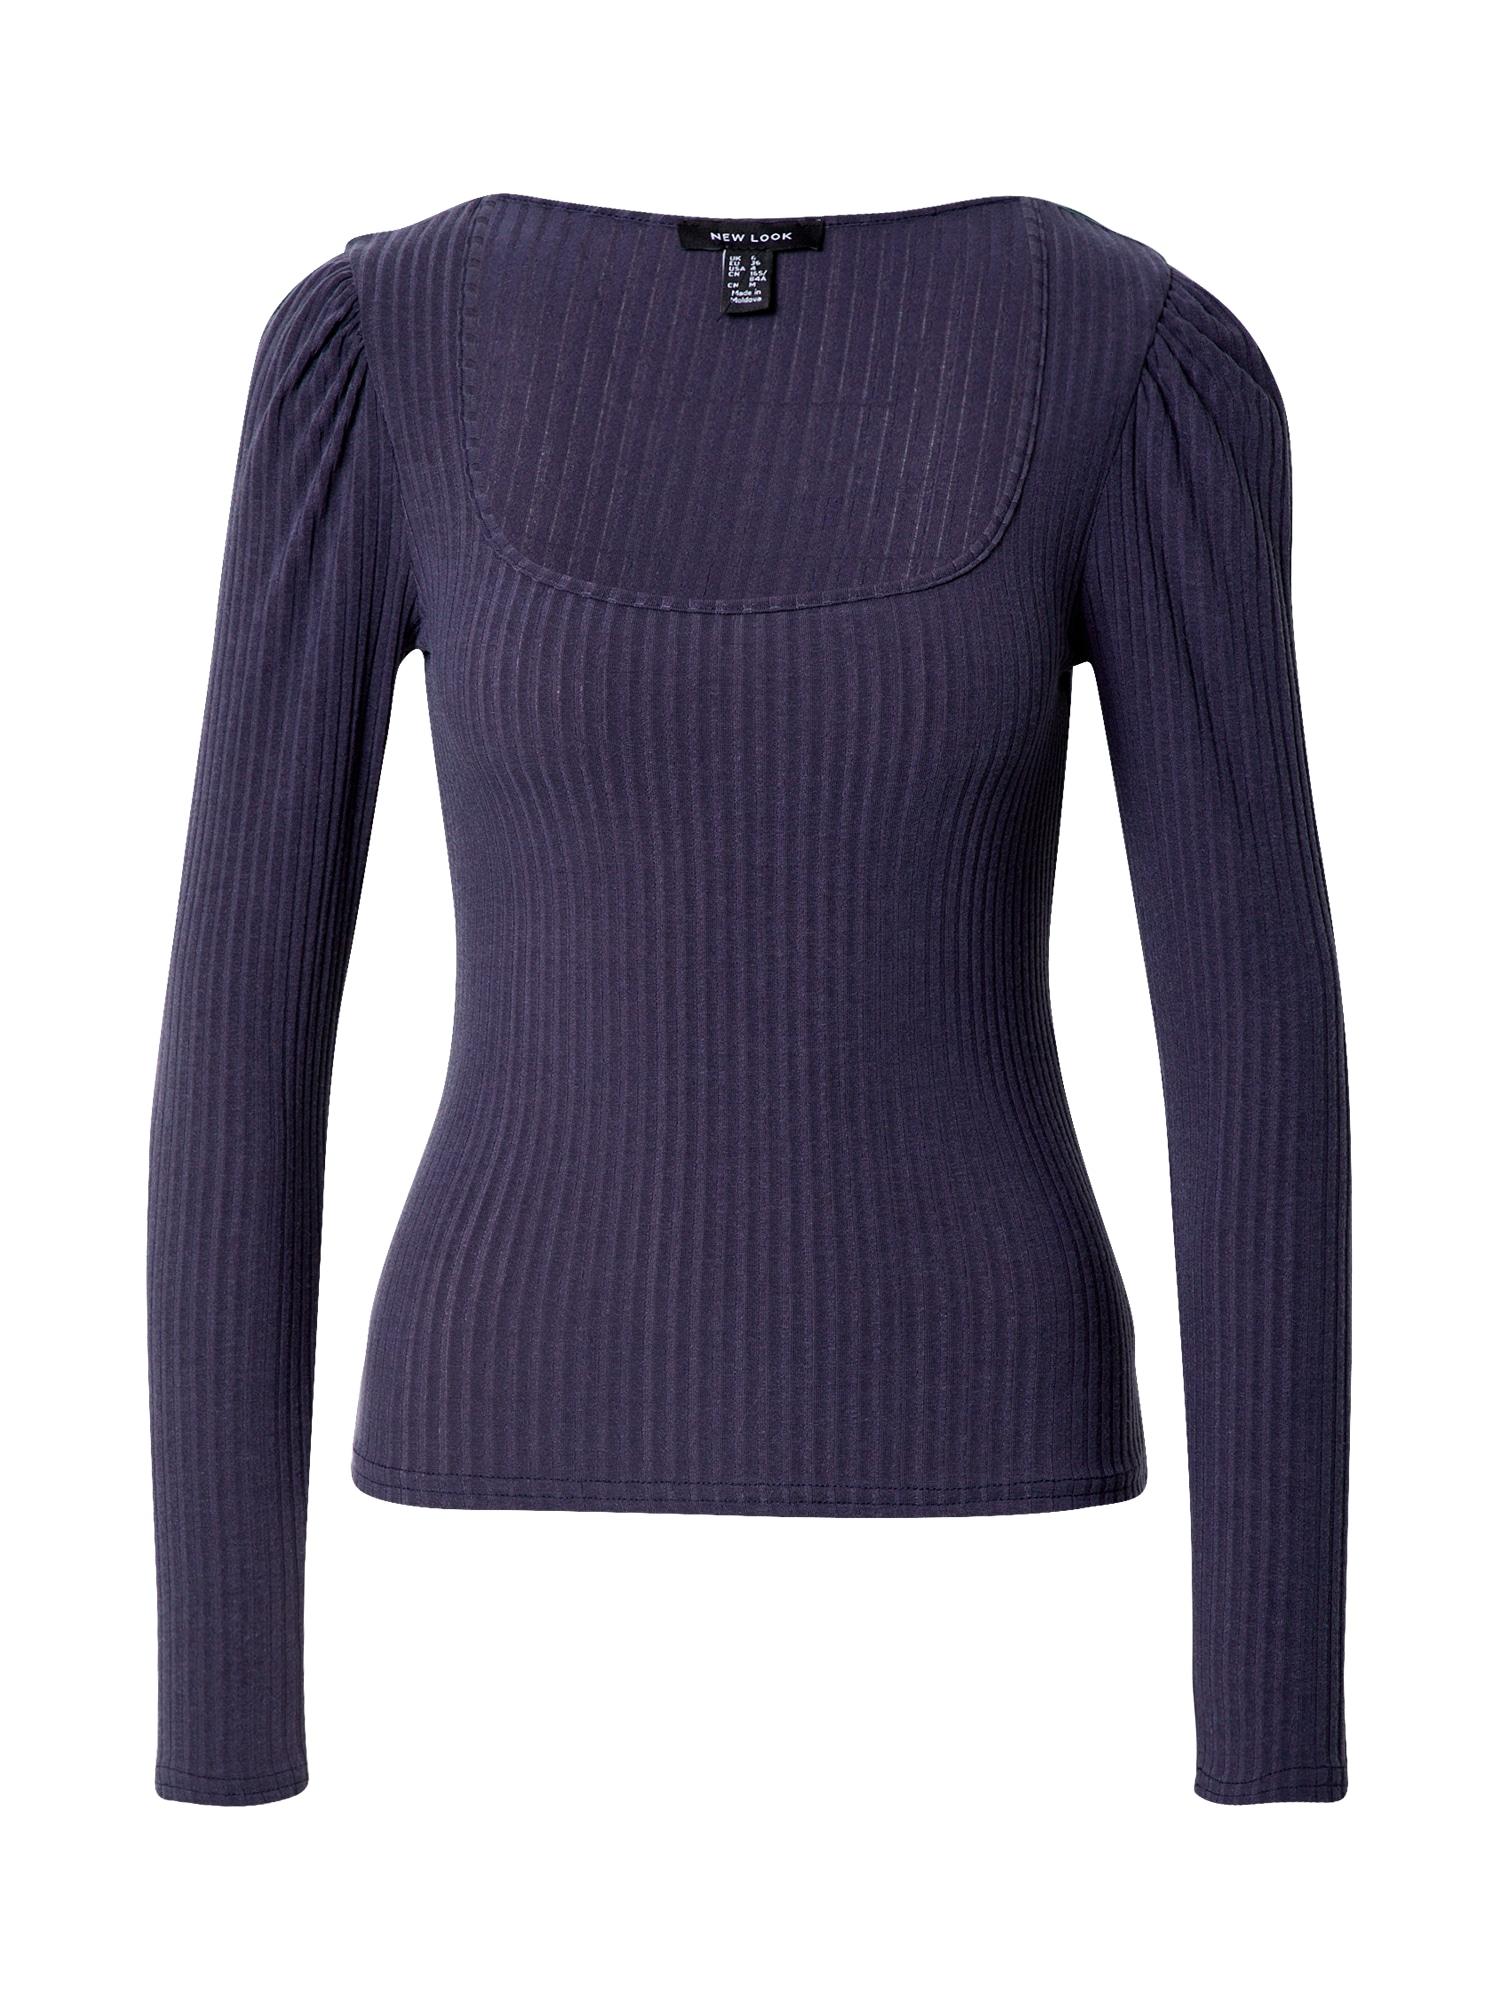 NEW LOOK Marškinėliai tamsiai pilka